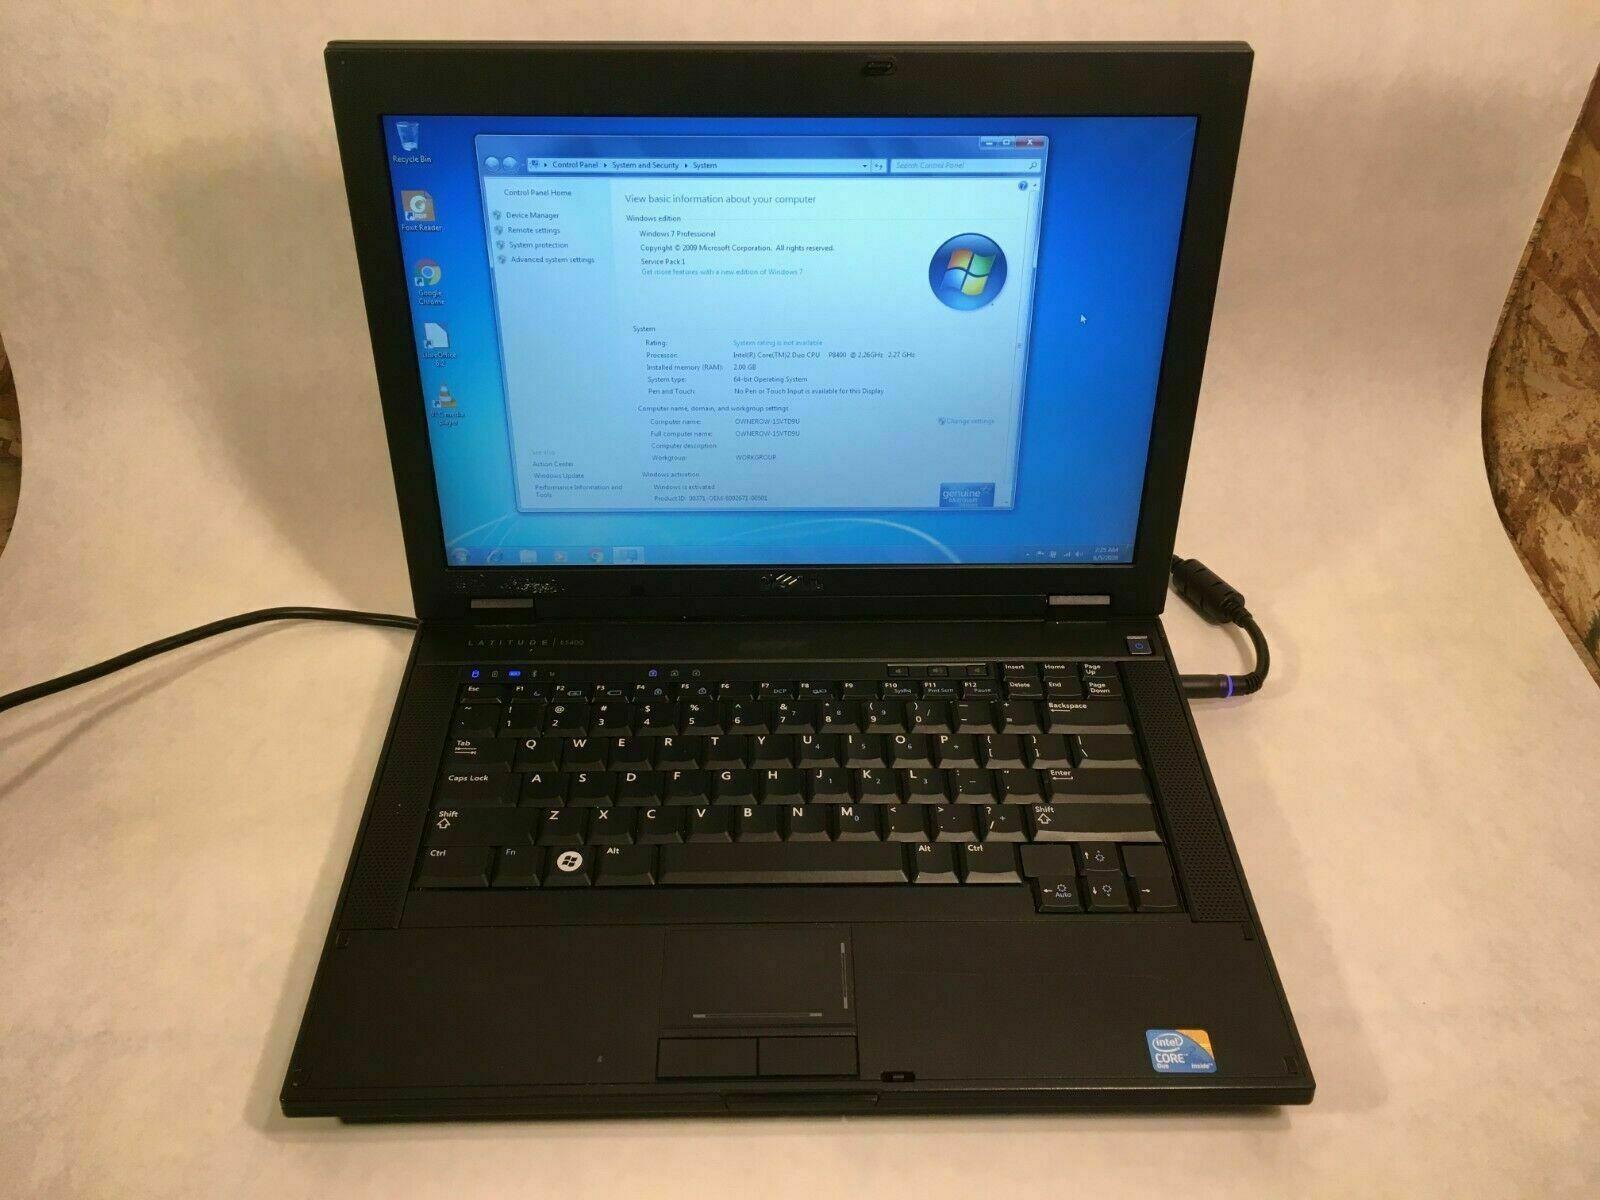 """Laptop Windows - Dell Latitude E5400 14"""" Laptop Intel Core 2 Duo 2.26GHz 2GB 320GB Windows 7"""